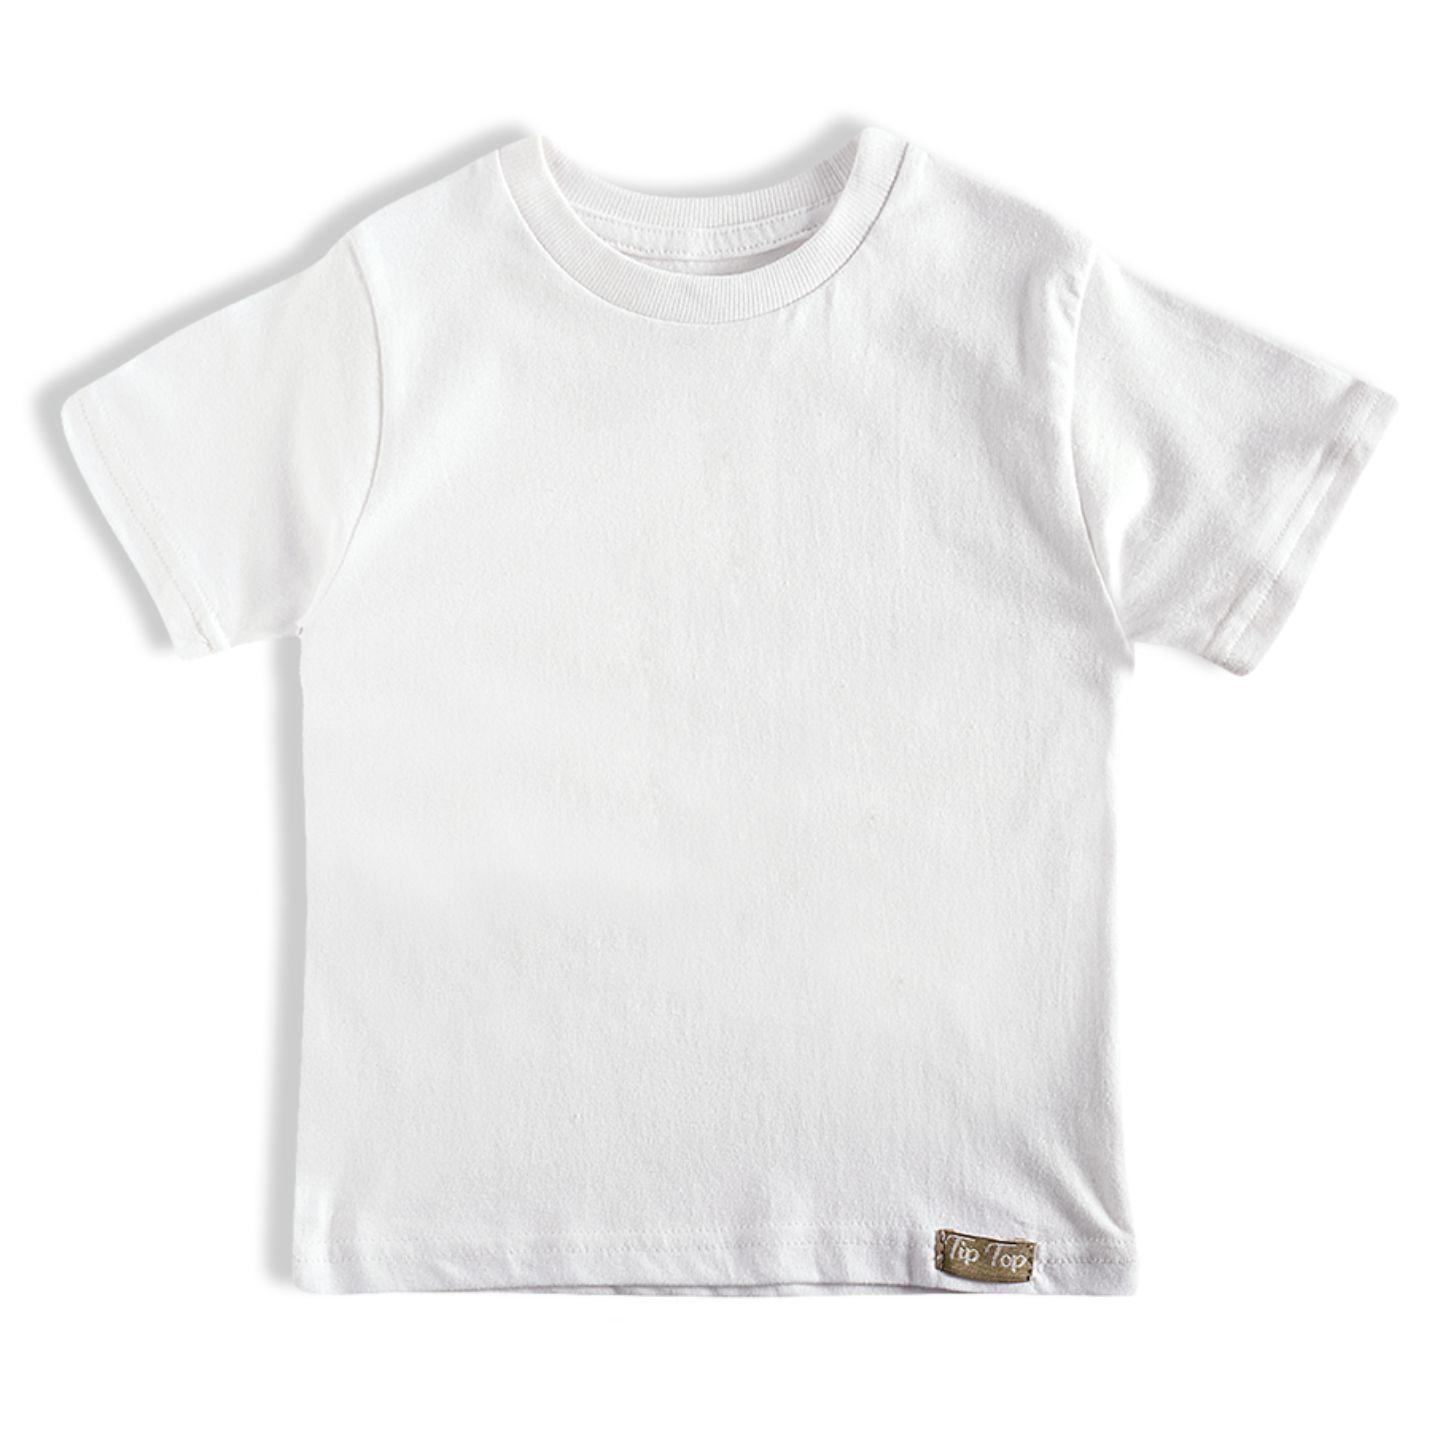 Camiseta Manga Curta Branca/Tam:2t/TipTop